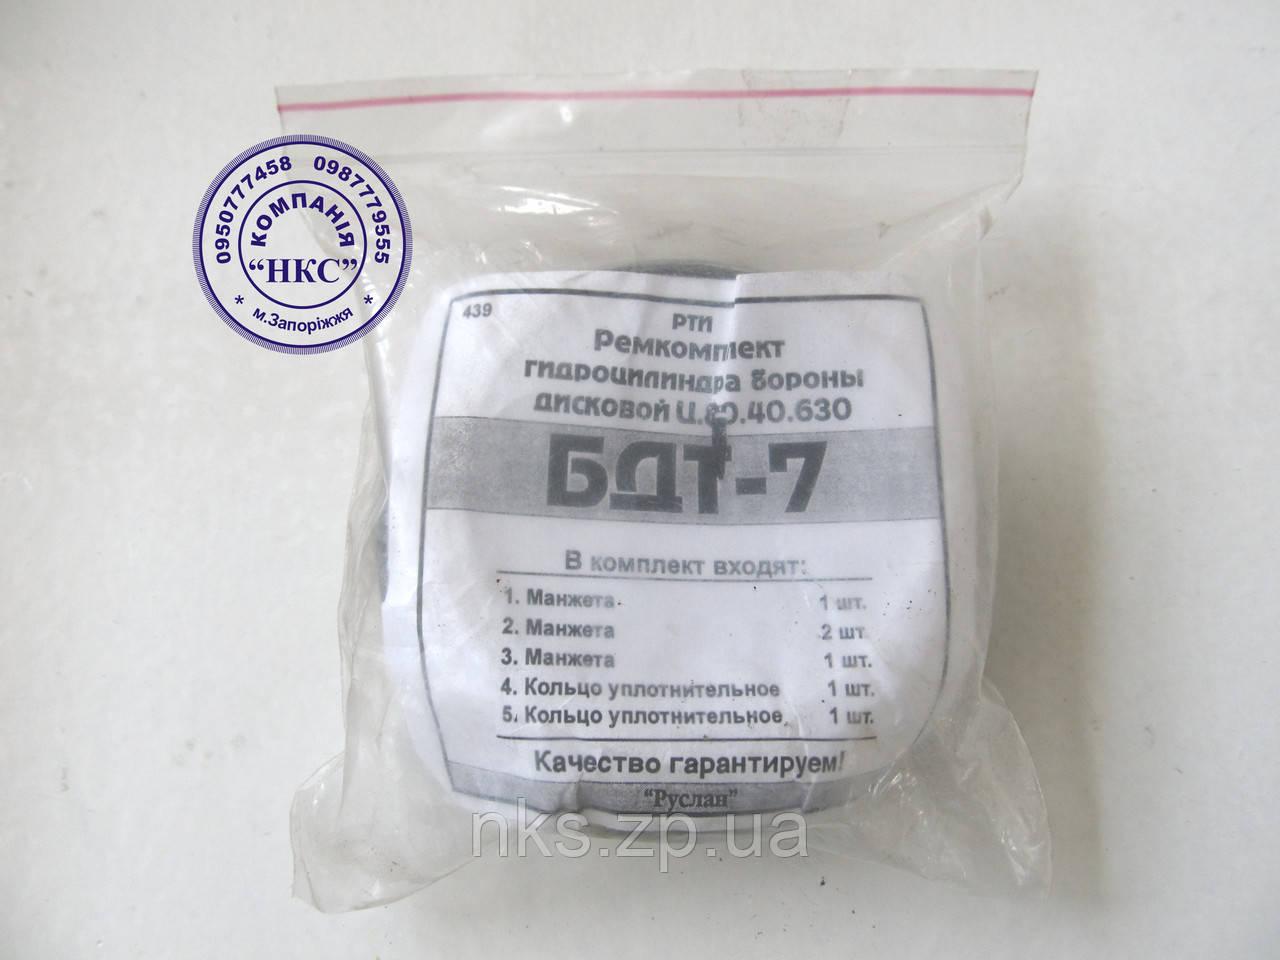 Ремонтный комплект гидроцилиндра бороны (Ц80.50) БДТ-7.